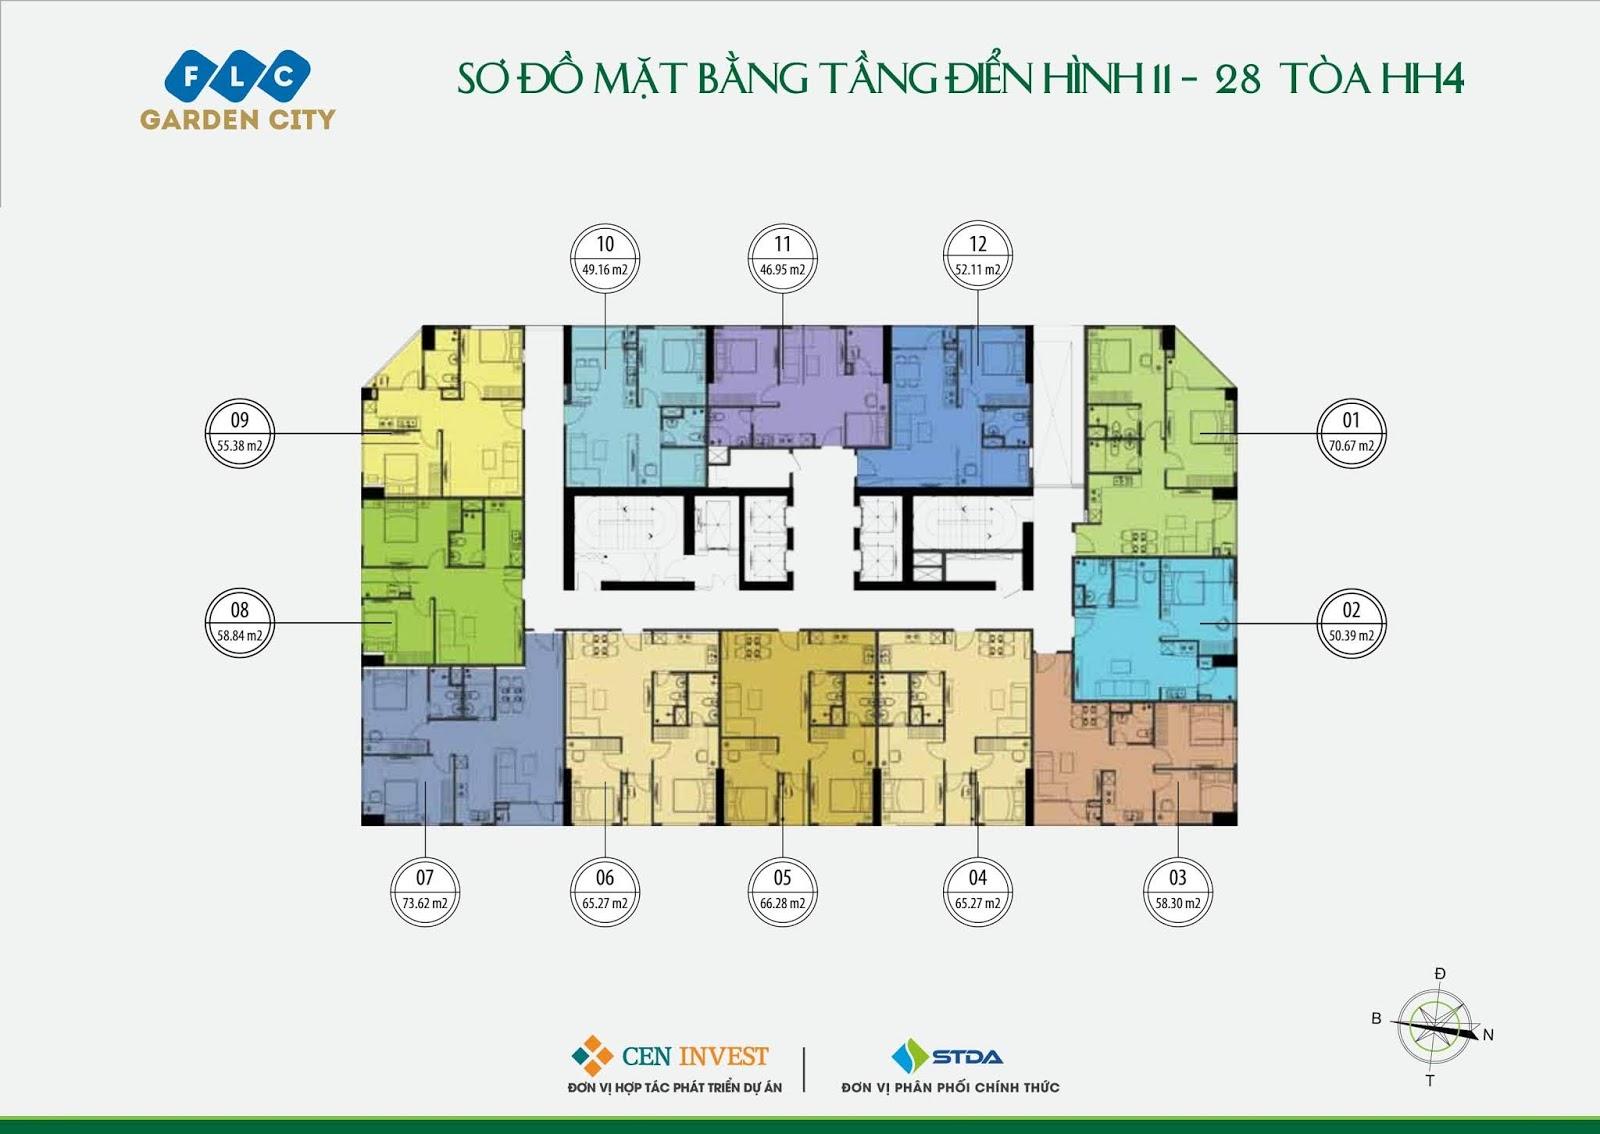 Mặt bằng tầng 11 - 28 Tòa HH4 dự án FLC Garden City Đại Mỗ